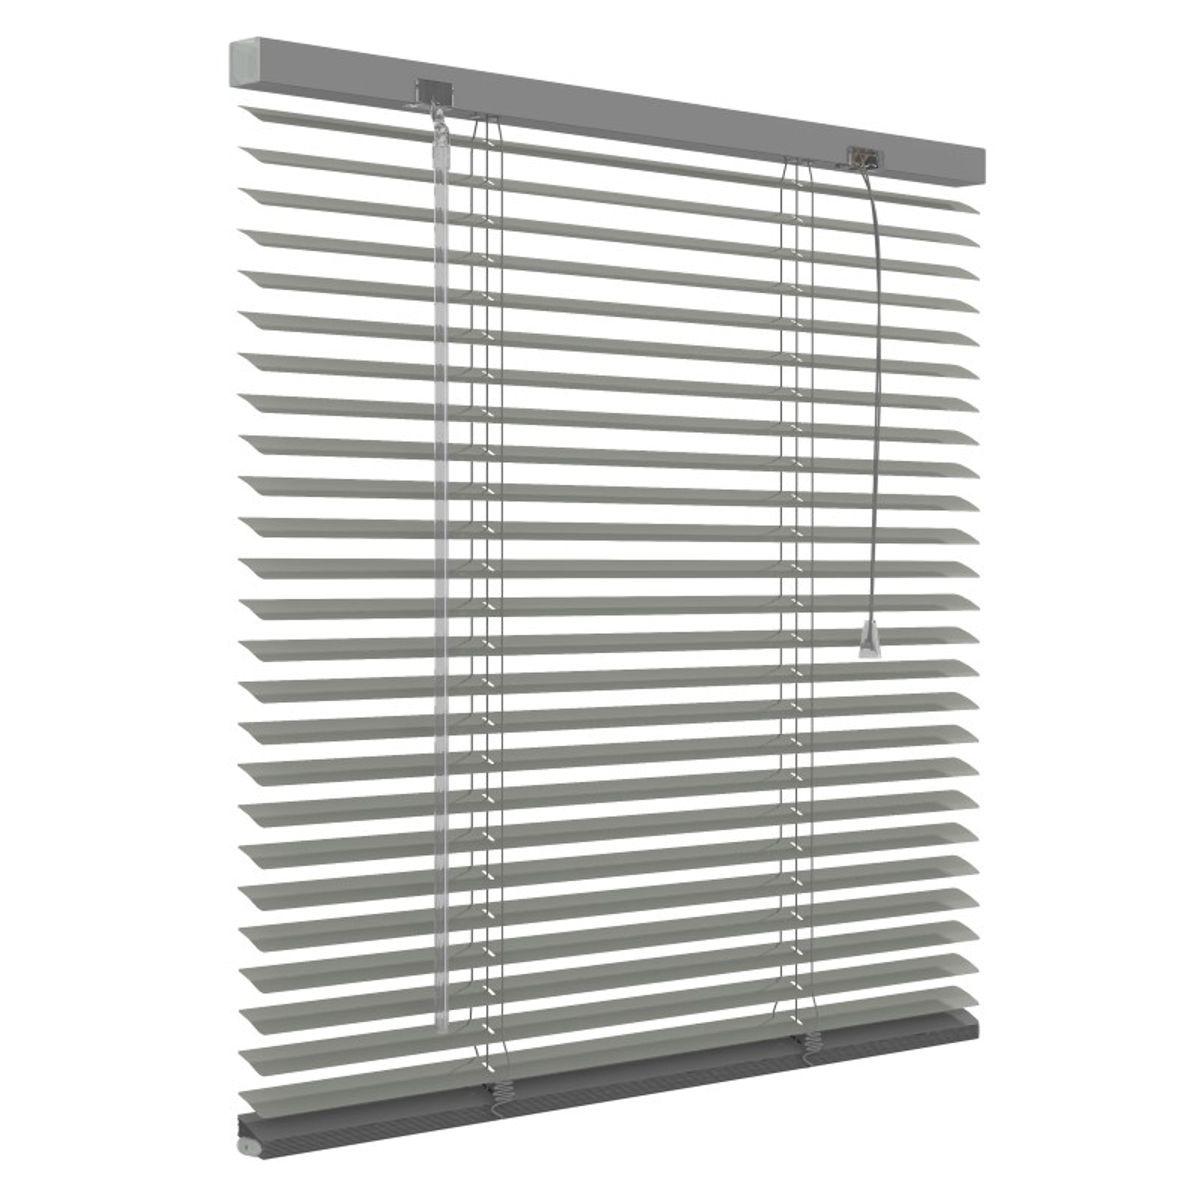 Aluminium jaloezie 25mm - Grijs - 100cm x 130cm